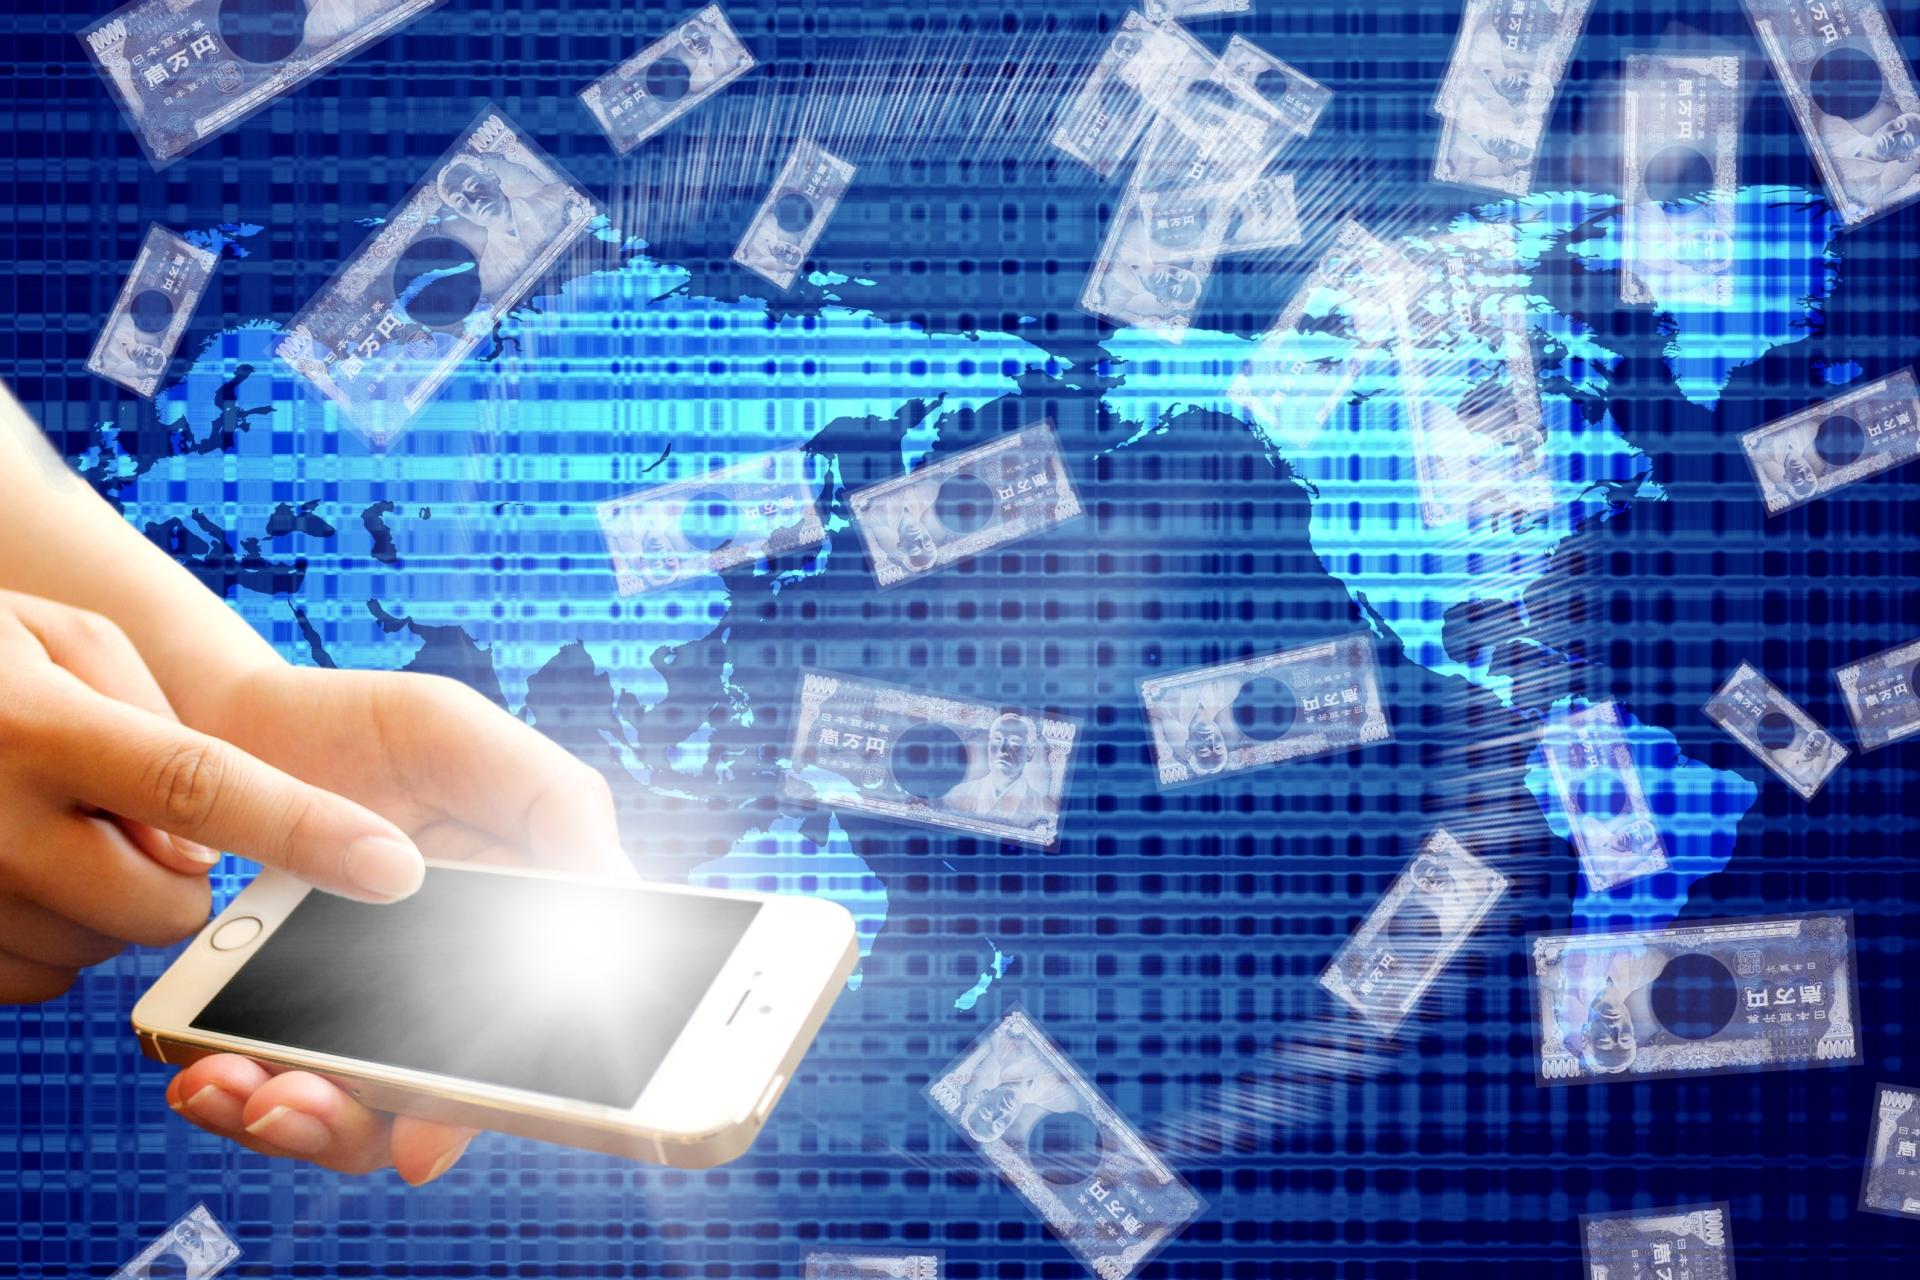 今年3月の発行が期待される、みずほFGのデジタル通貨「Jコイン」とは?